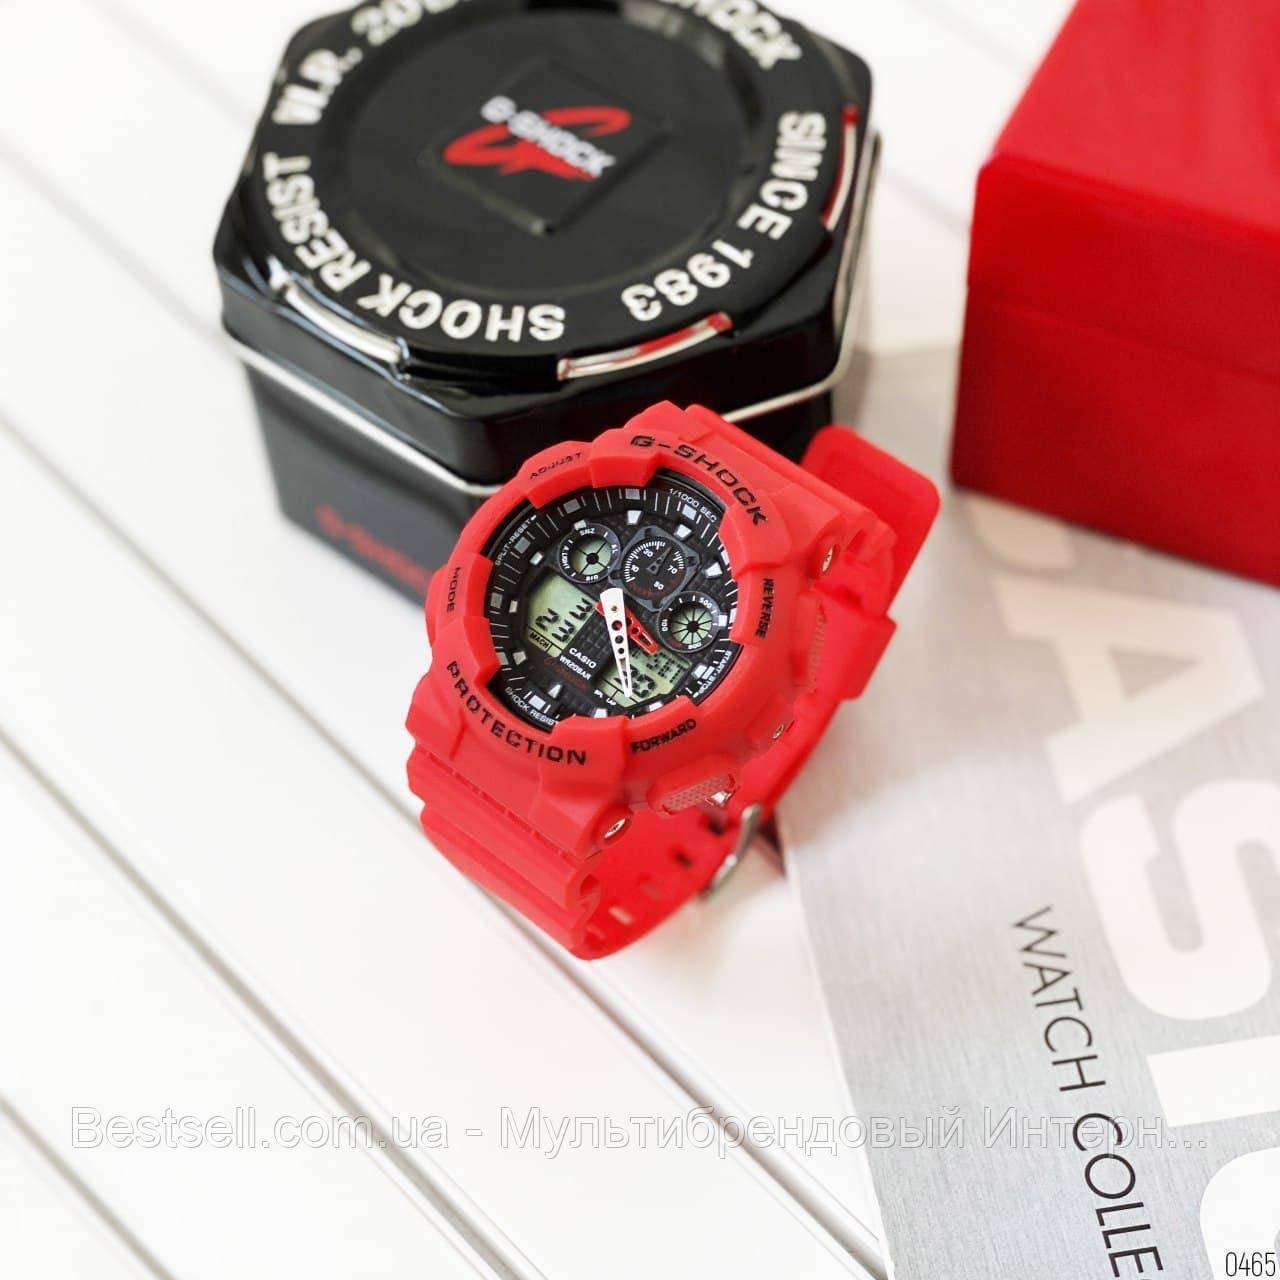 Часы наручные красные Casio G-Shock GA-100 Red-Black/ копия касио джишок красные